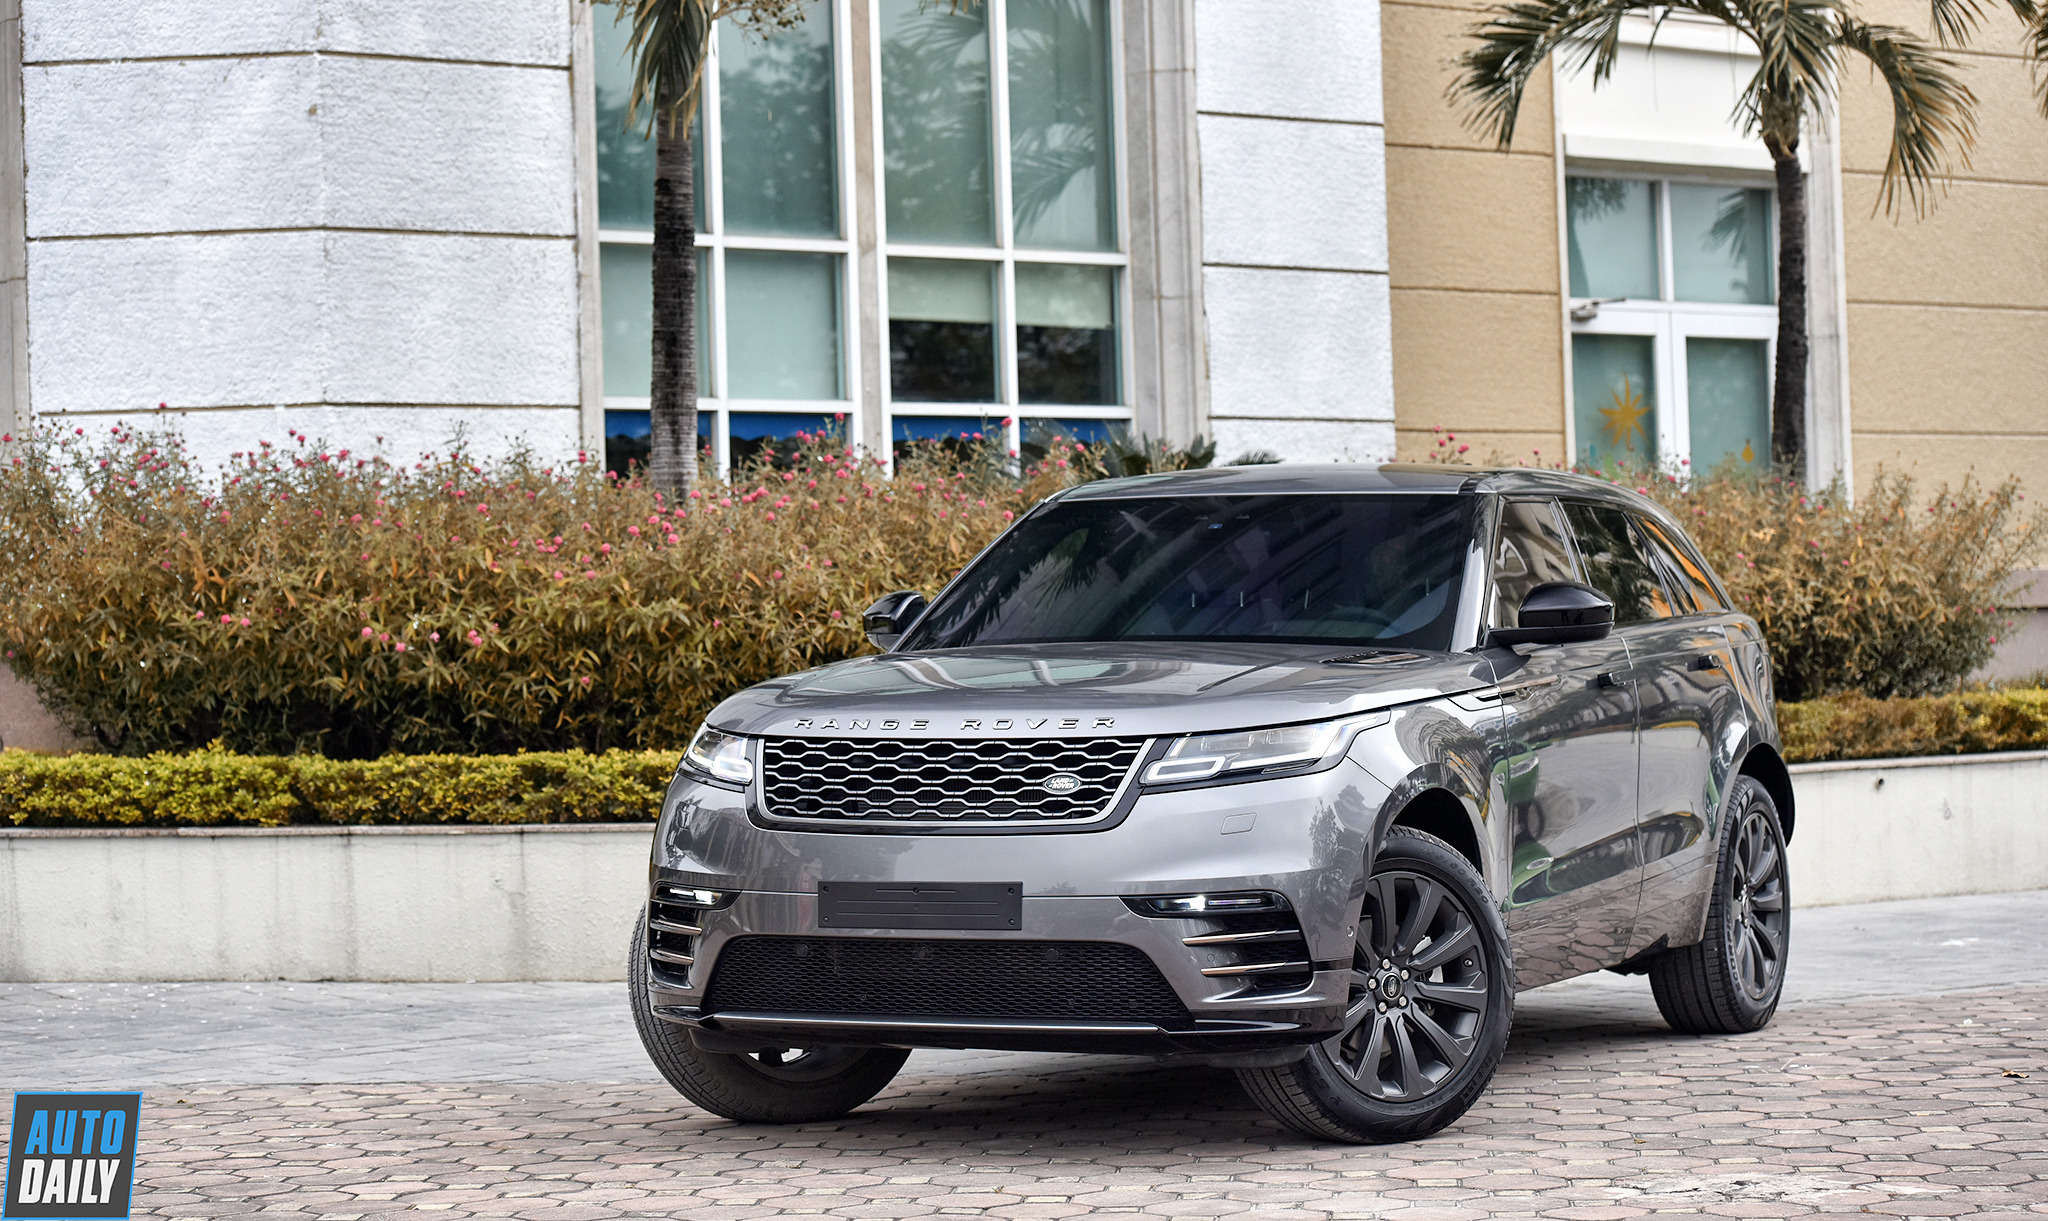 range-rover-velar-autodaily-15.jpg